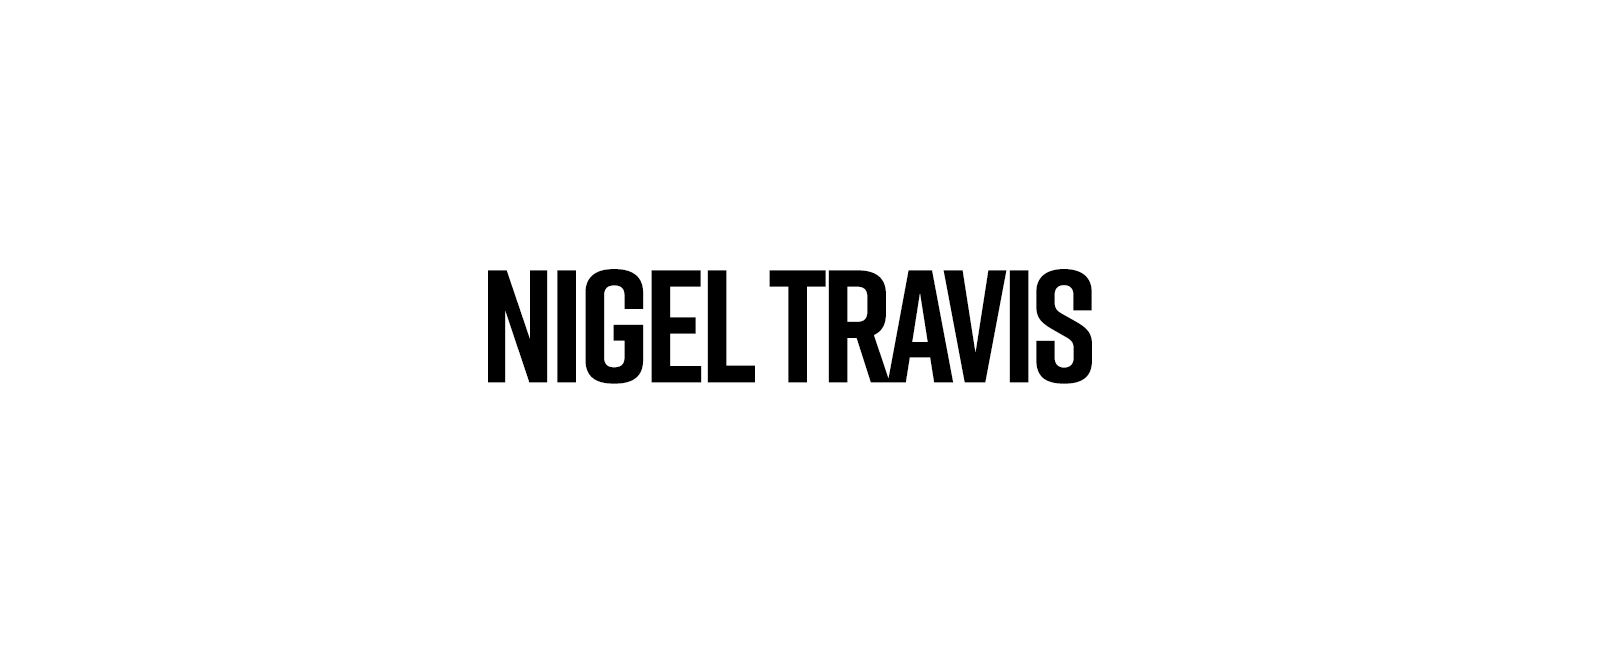 nigel-travis-premiere